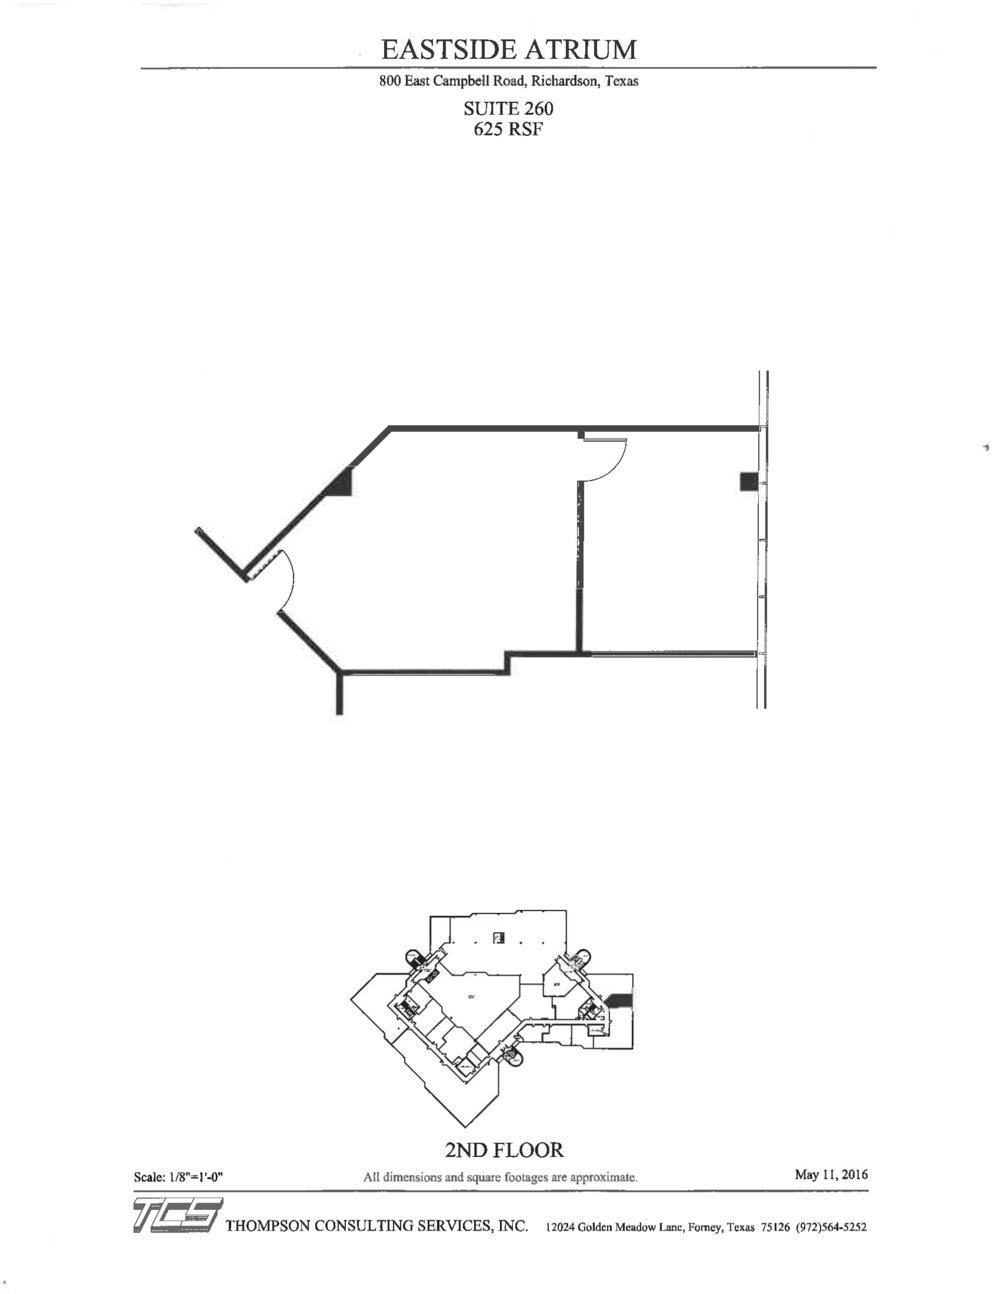 Eastside Atrium - Suite 260 - 8.12.16-1